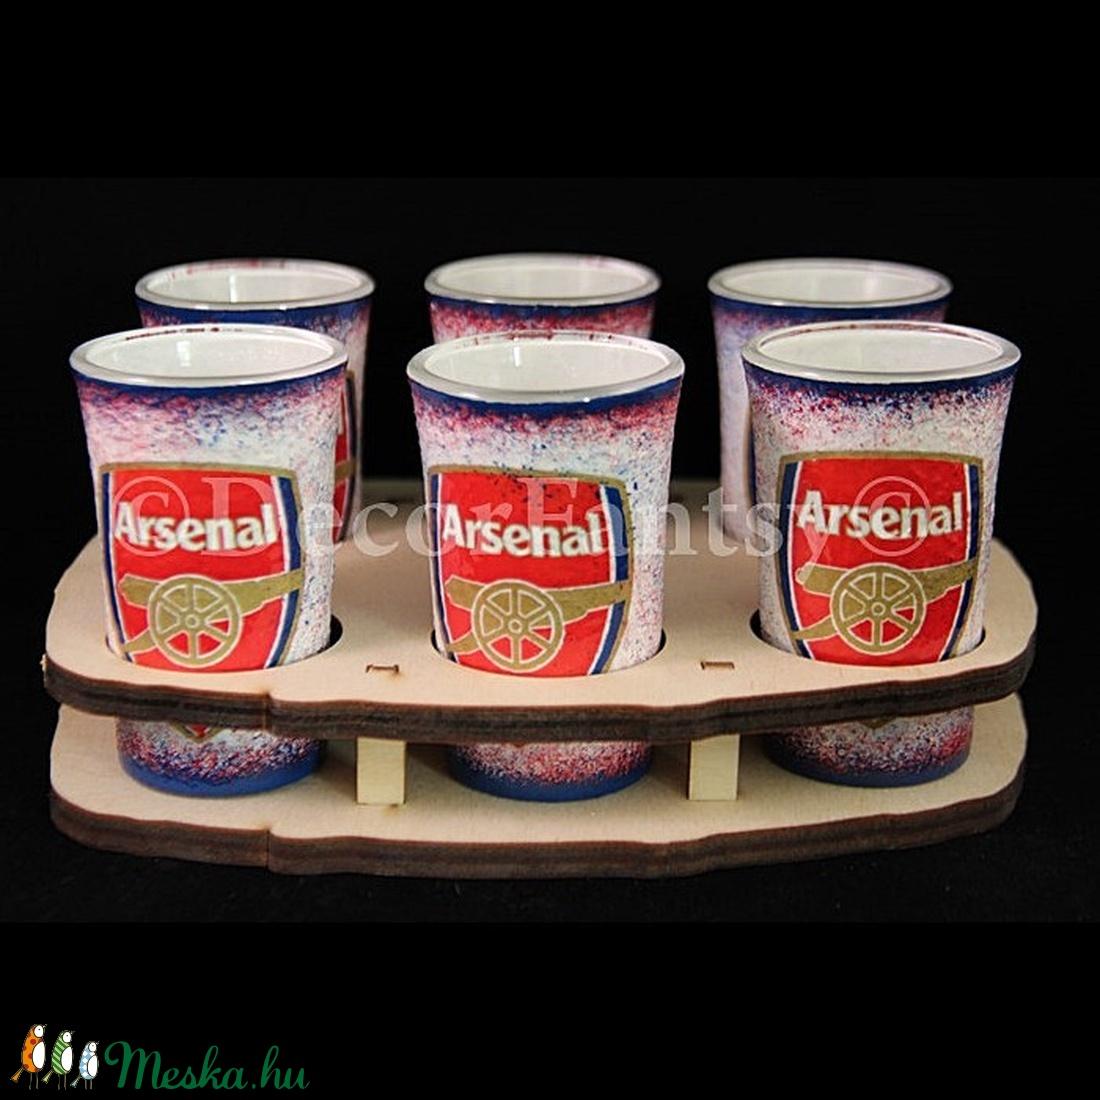 ARSENAL  emblémával díszített   pohár szett ( 6x45ml pohár + tartó )  (decorfantasy) - Meska.hu